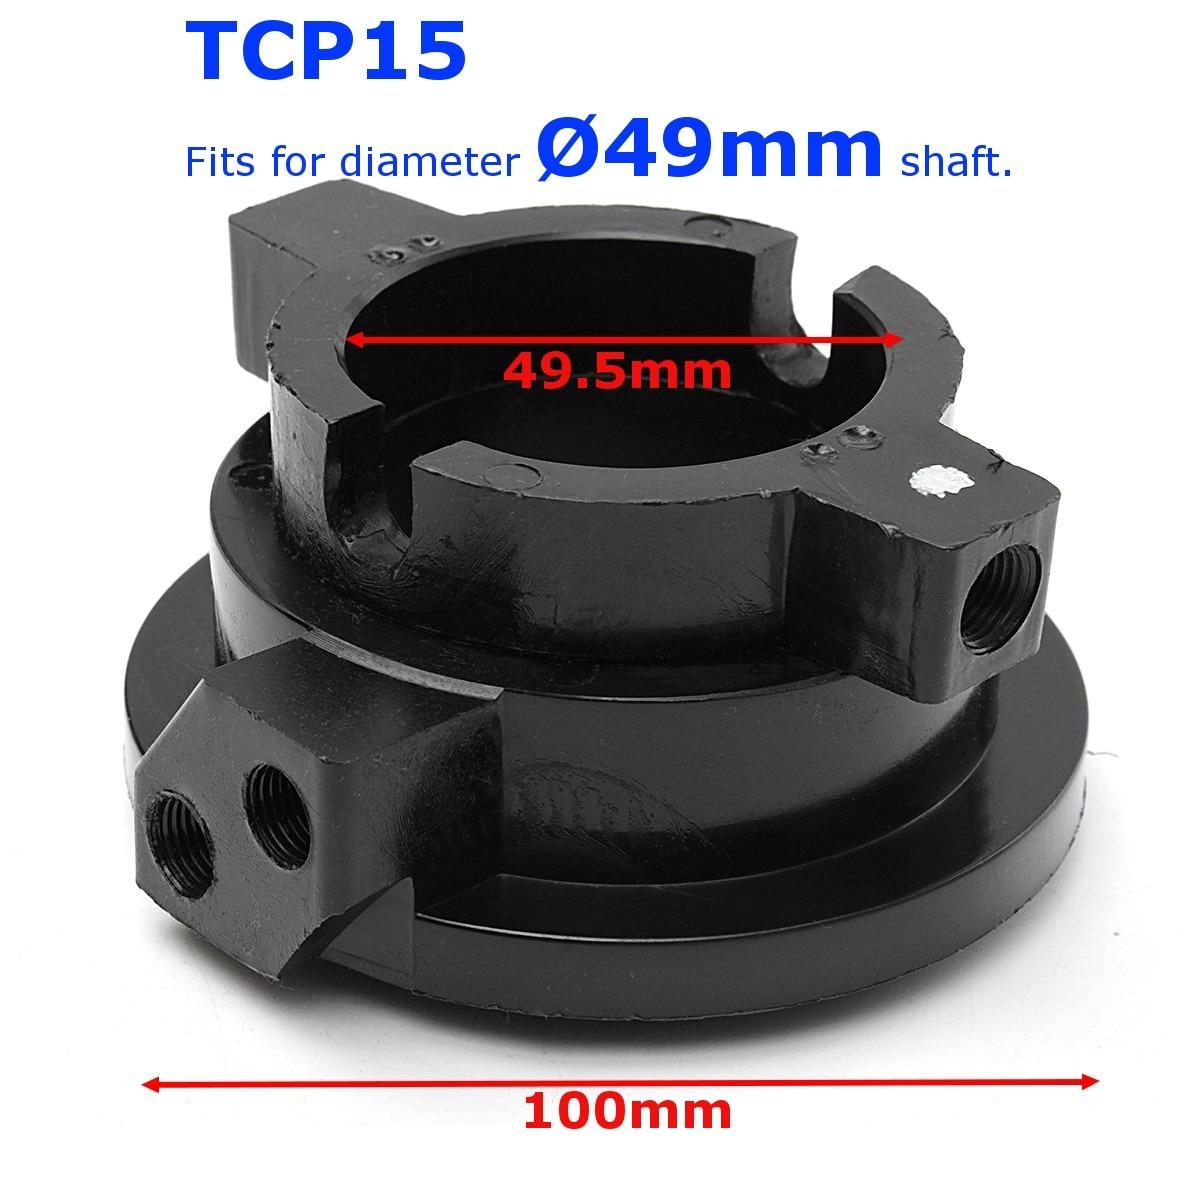 車両車のホイールのタイヤタイヤチェンジャーロータリーカプラカップ空気バルブ TCP15